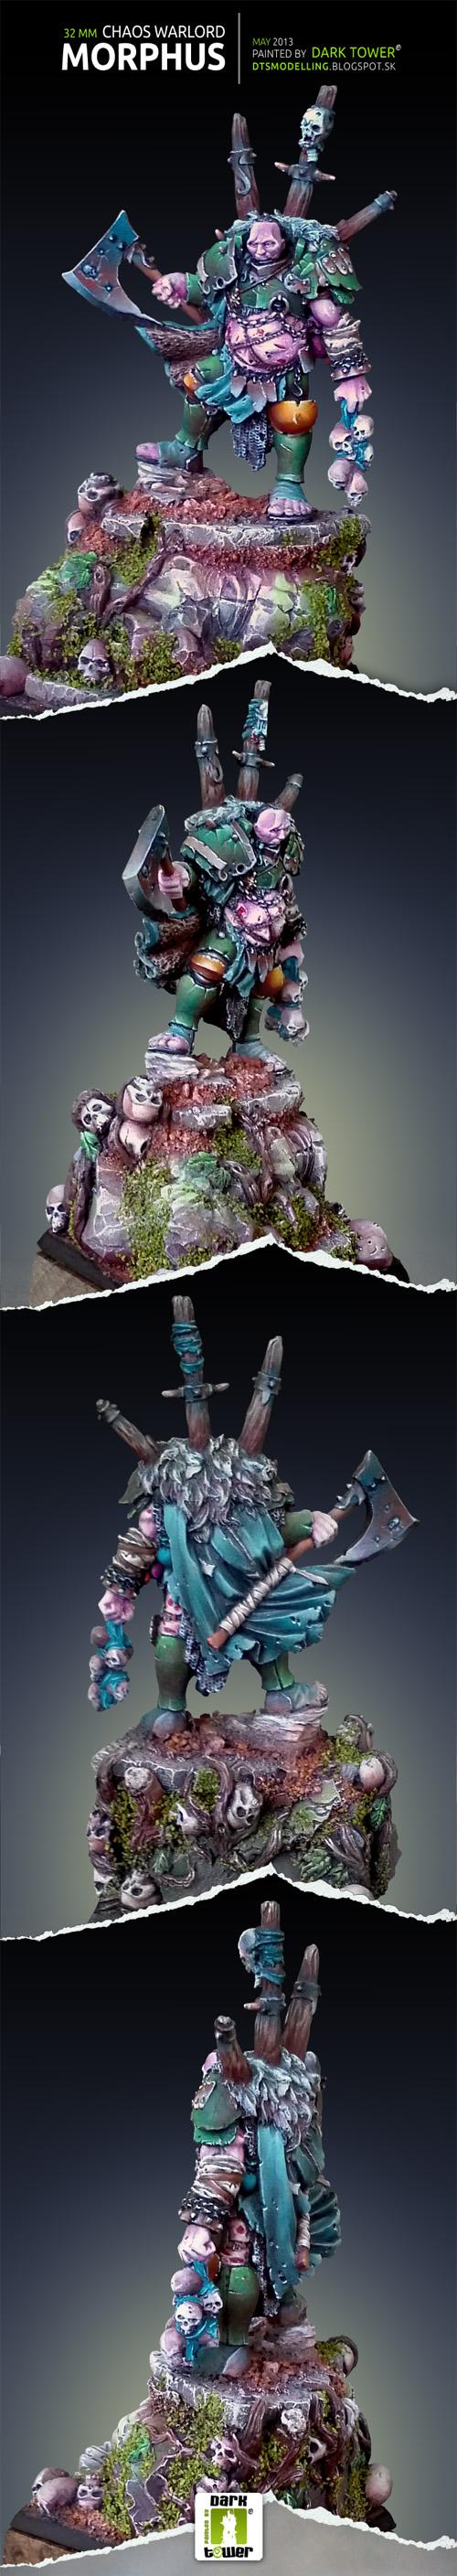 Morphus Chaos Warlord